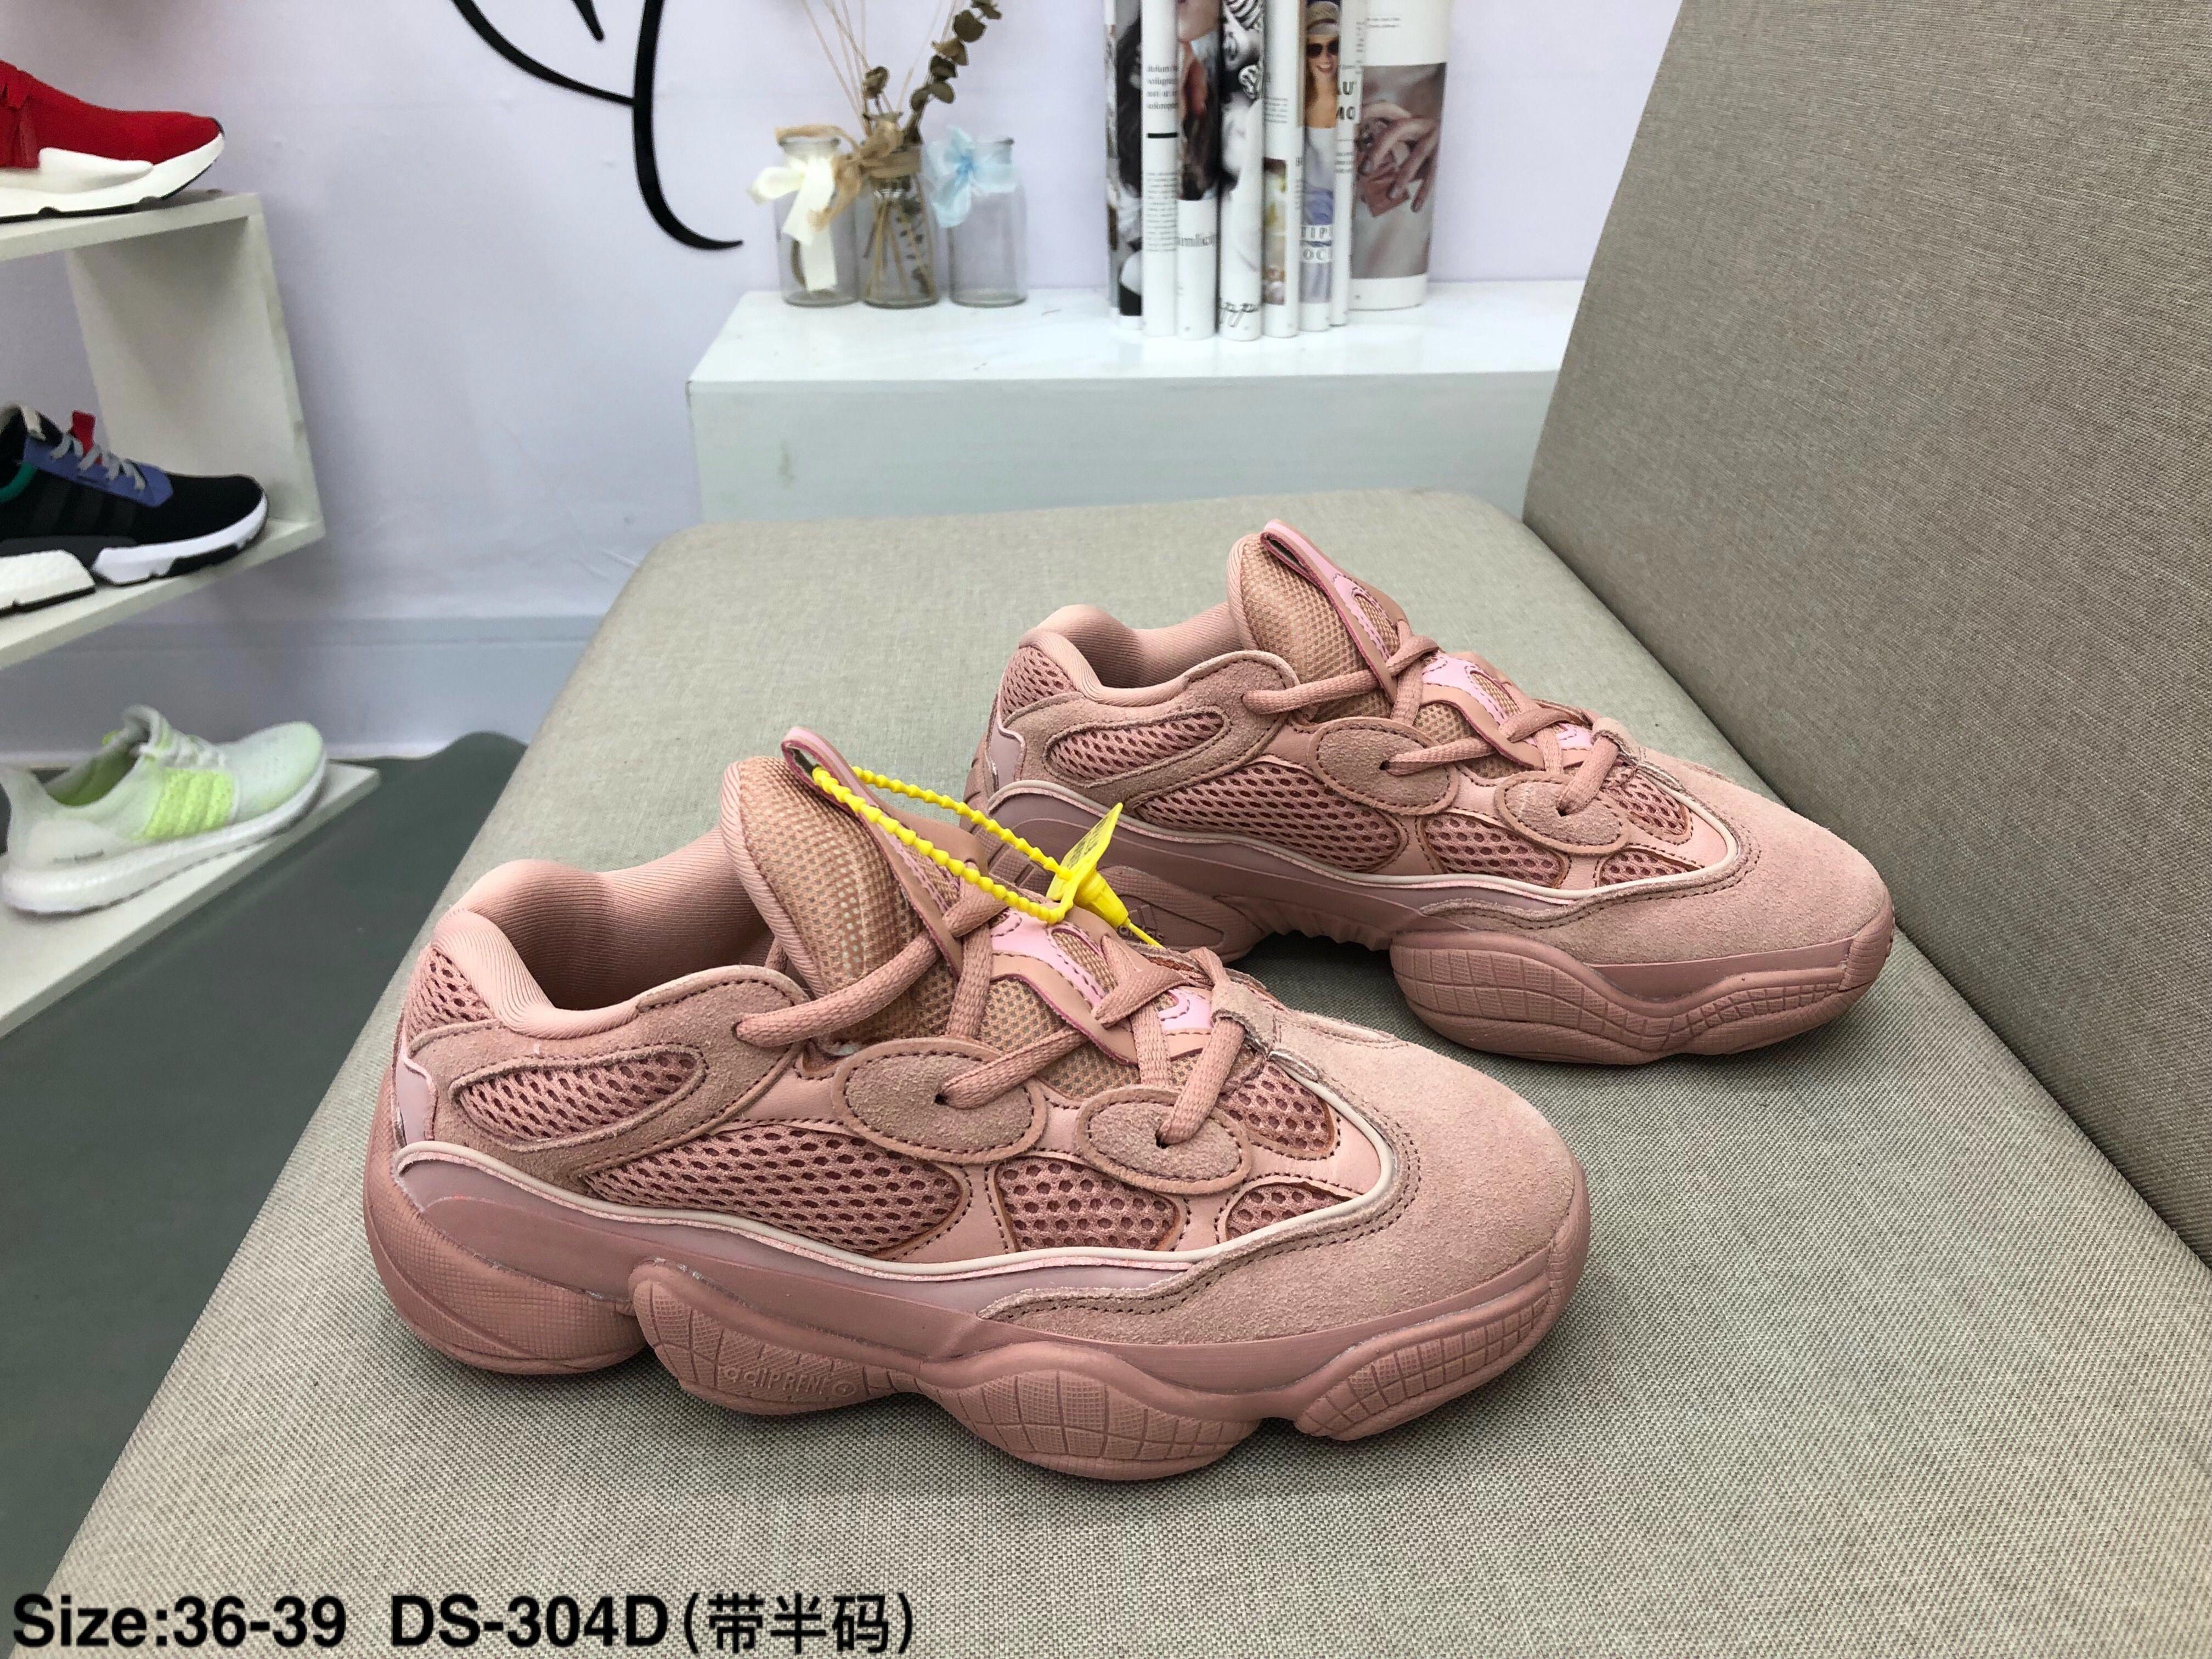 shoes 2019 Loredana Pin in von auf w8nXP0Ok